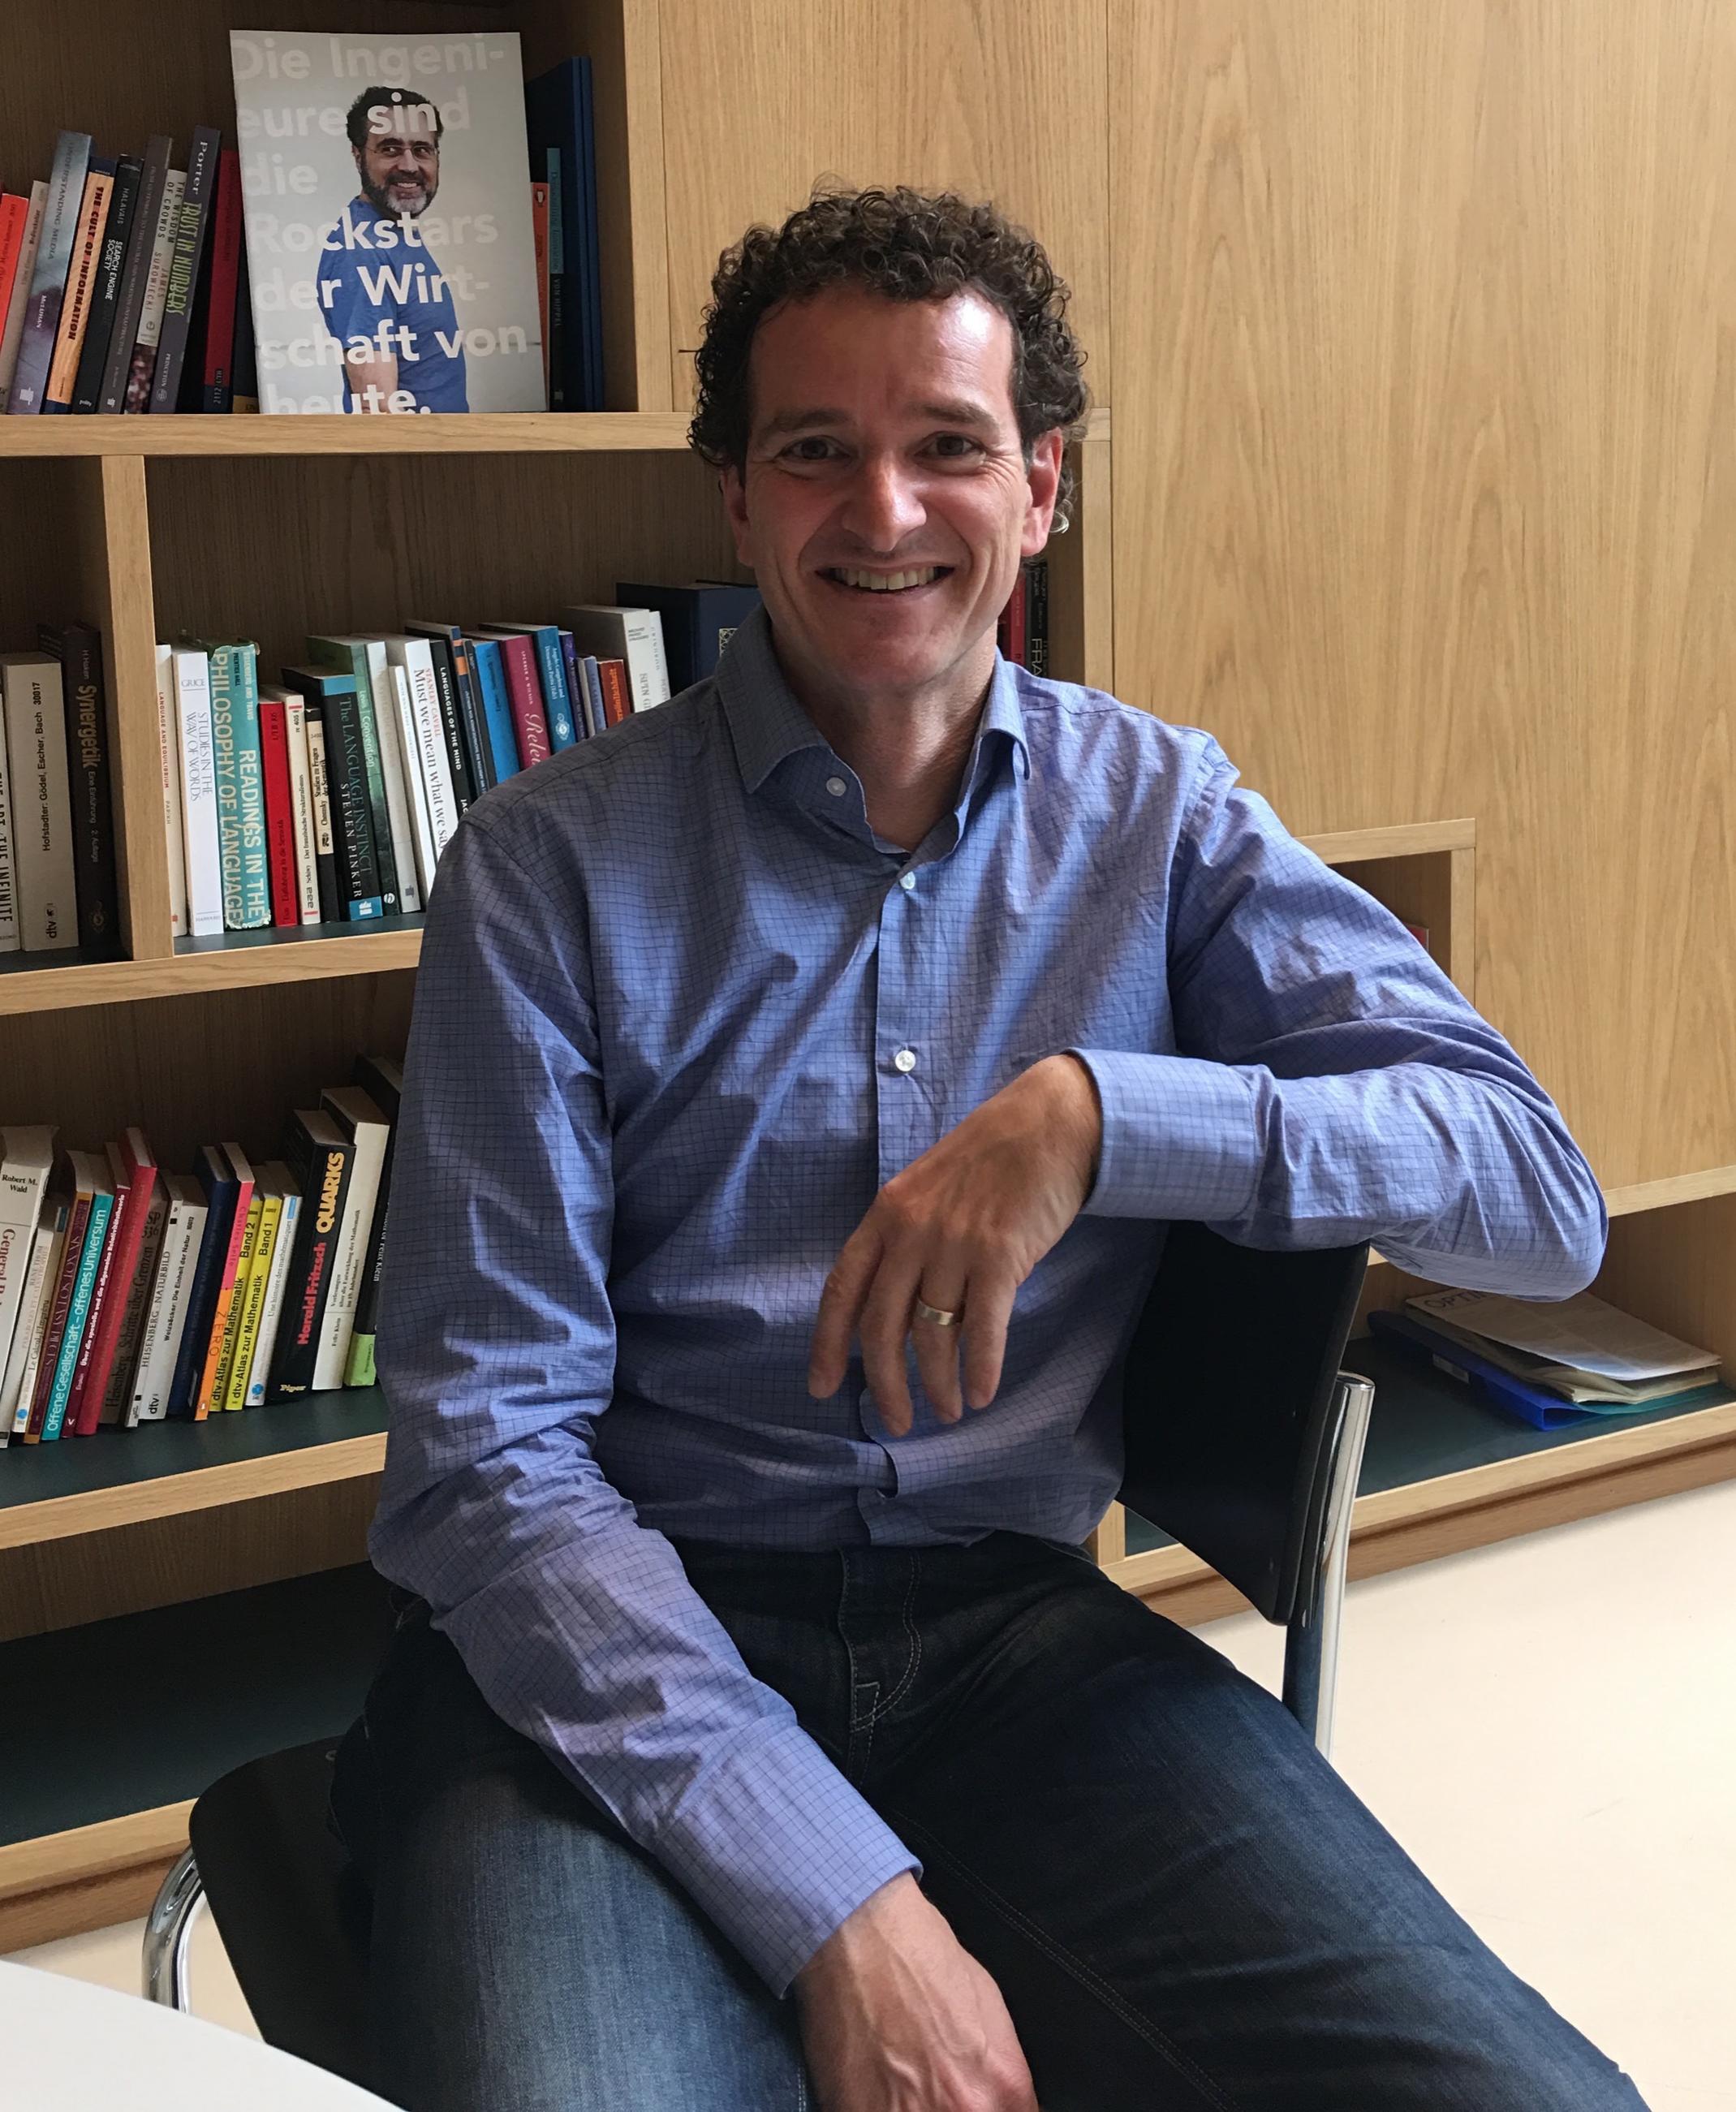 """""""Dass Maschinen die Macht ergreifen, das sehe ich nicht""""   Thomas Hofmann, Leiter des neuen Max Planck ETH Center für Lernende Systeme, über künstliche Systeme und die Angst vor Google, Facebook und Co.    SonntagsZeitung, 20.12.2015"""